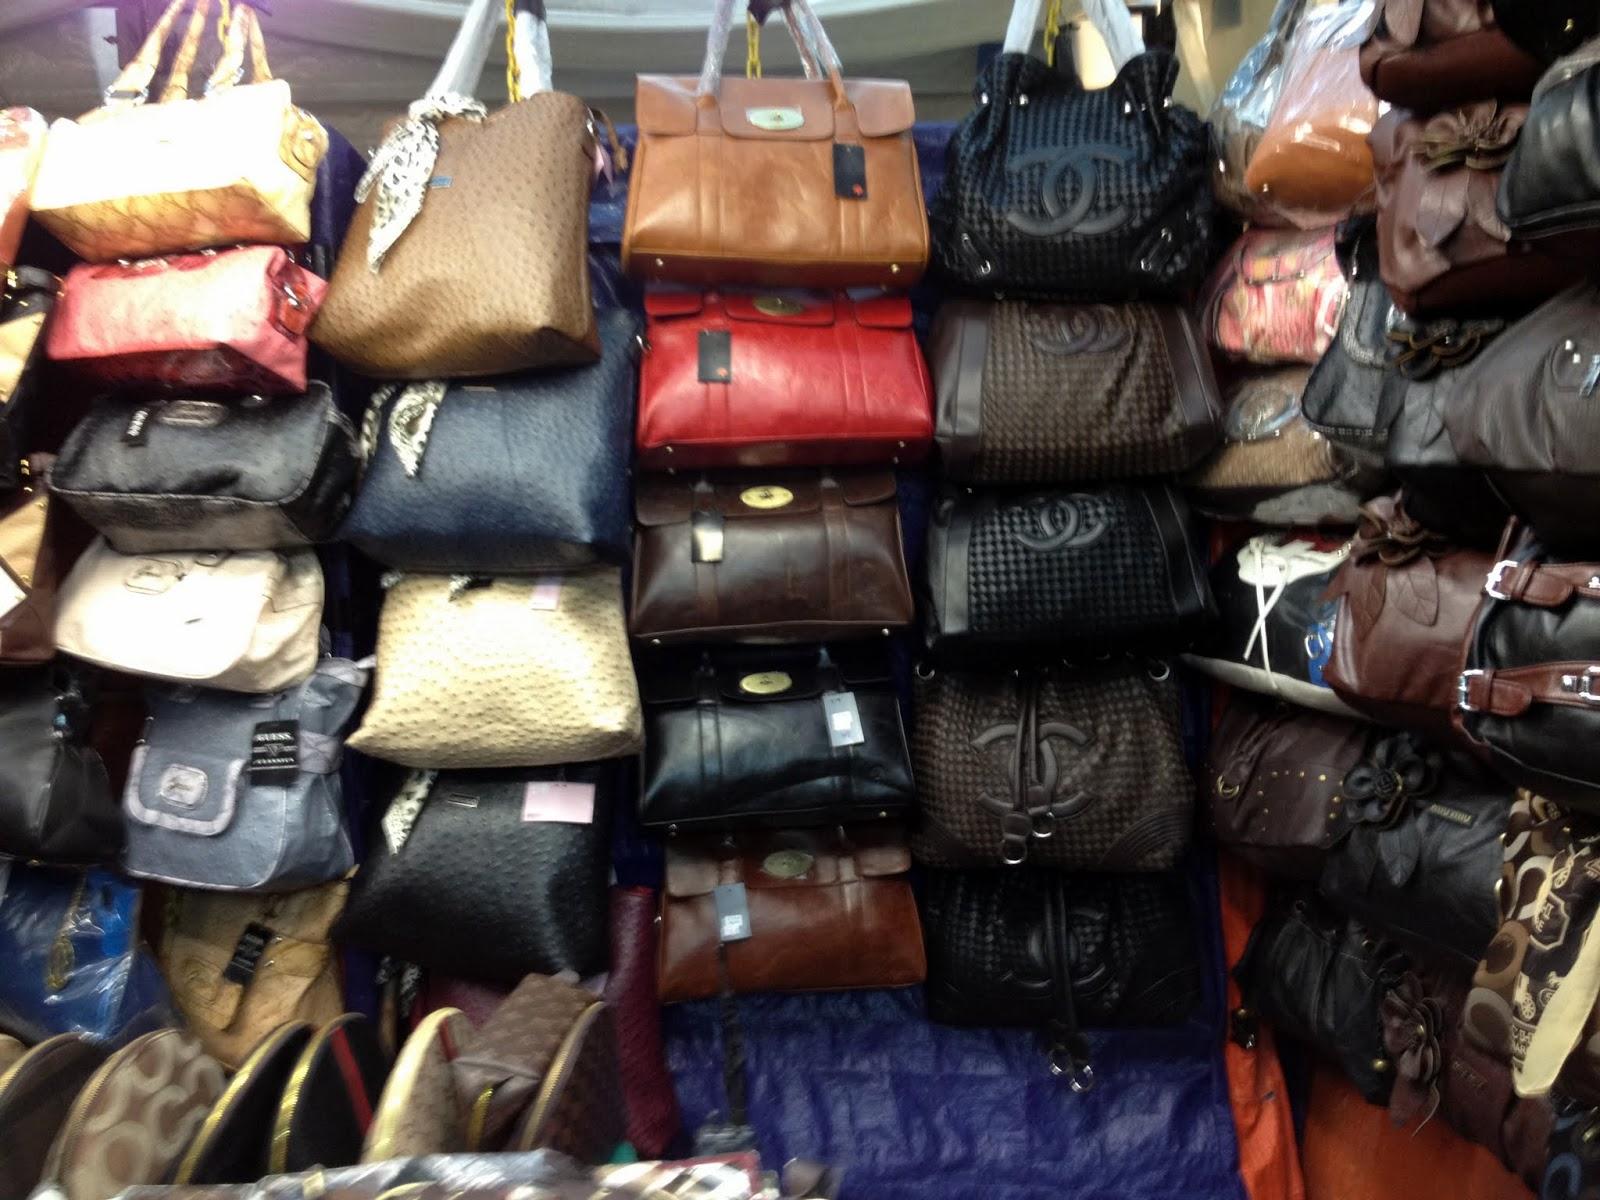 Como podéis ver en Jalan Petaling podéis encontrar de todo a precios muy económicos\u2026entonces, para que llenar la maleta? Jamás he visto tantas chanclas